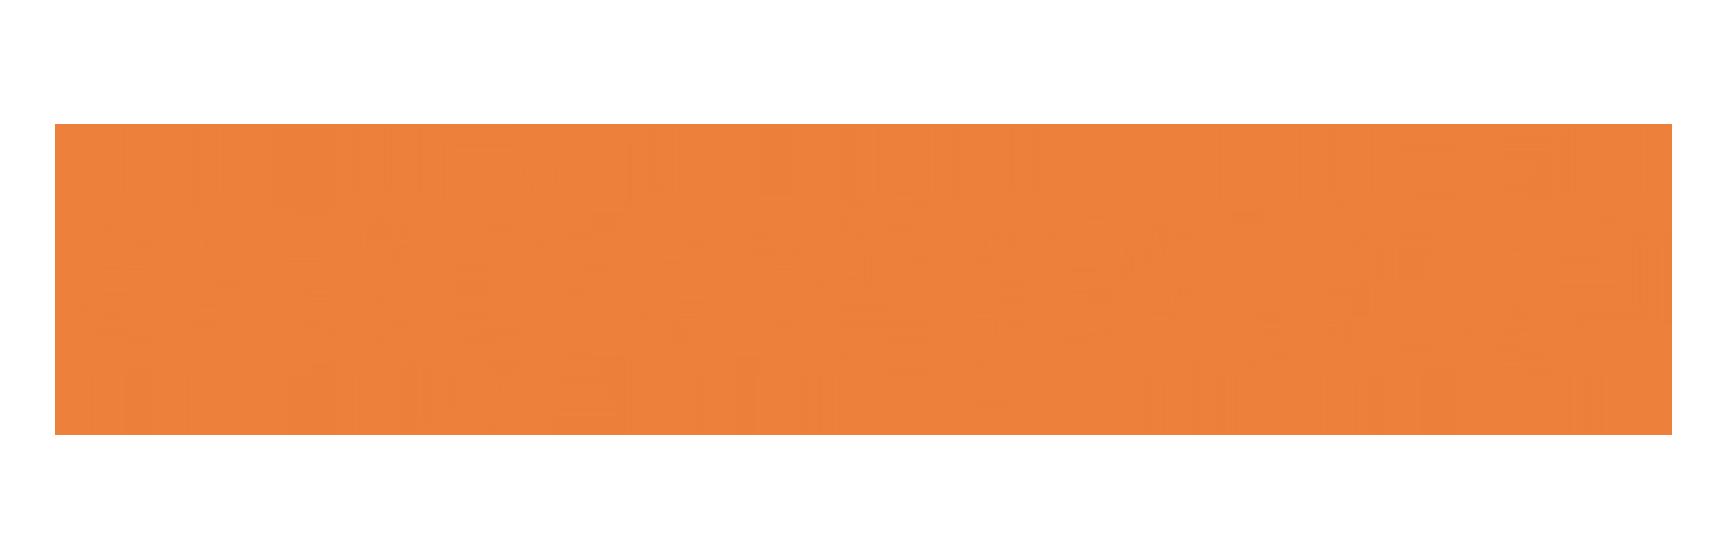 majorpack - ТД НПО